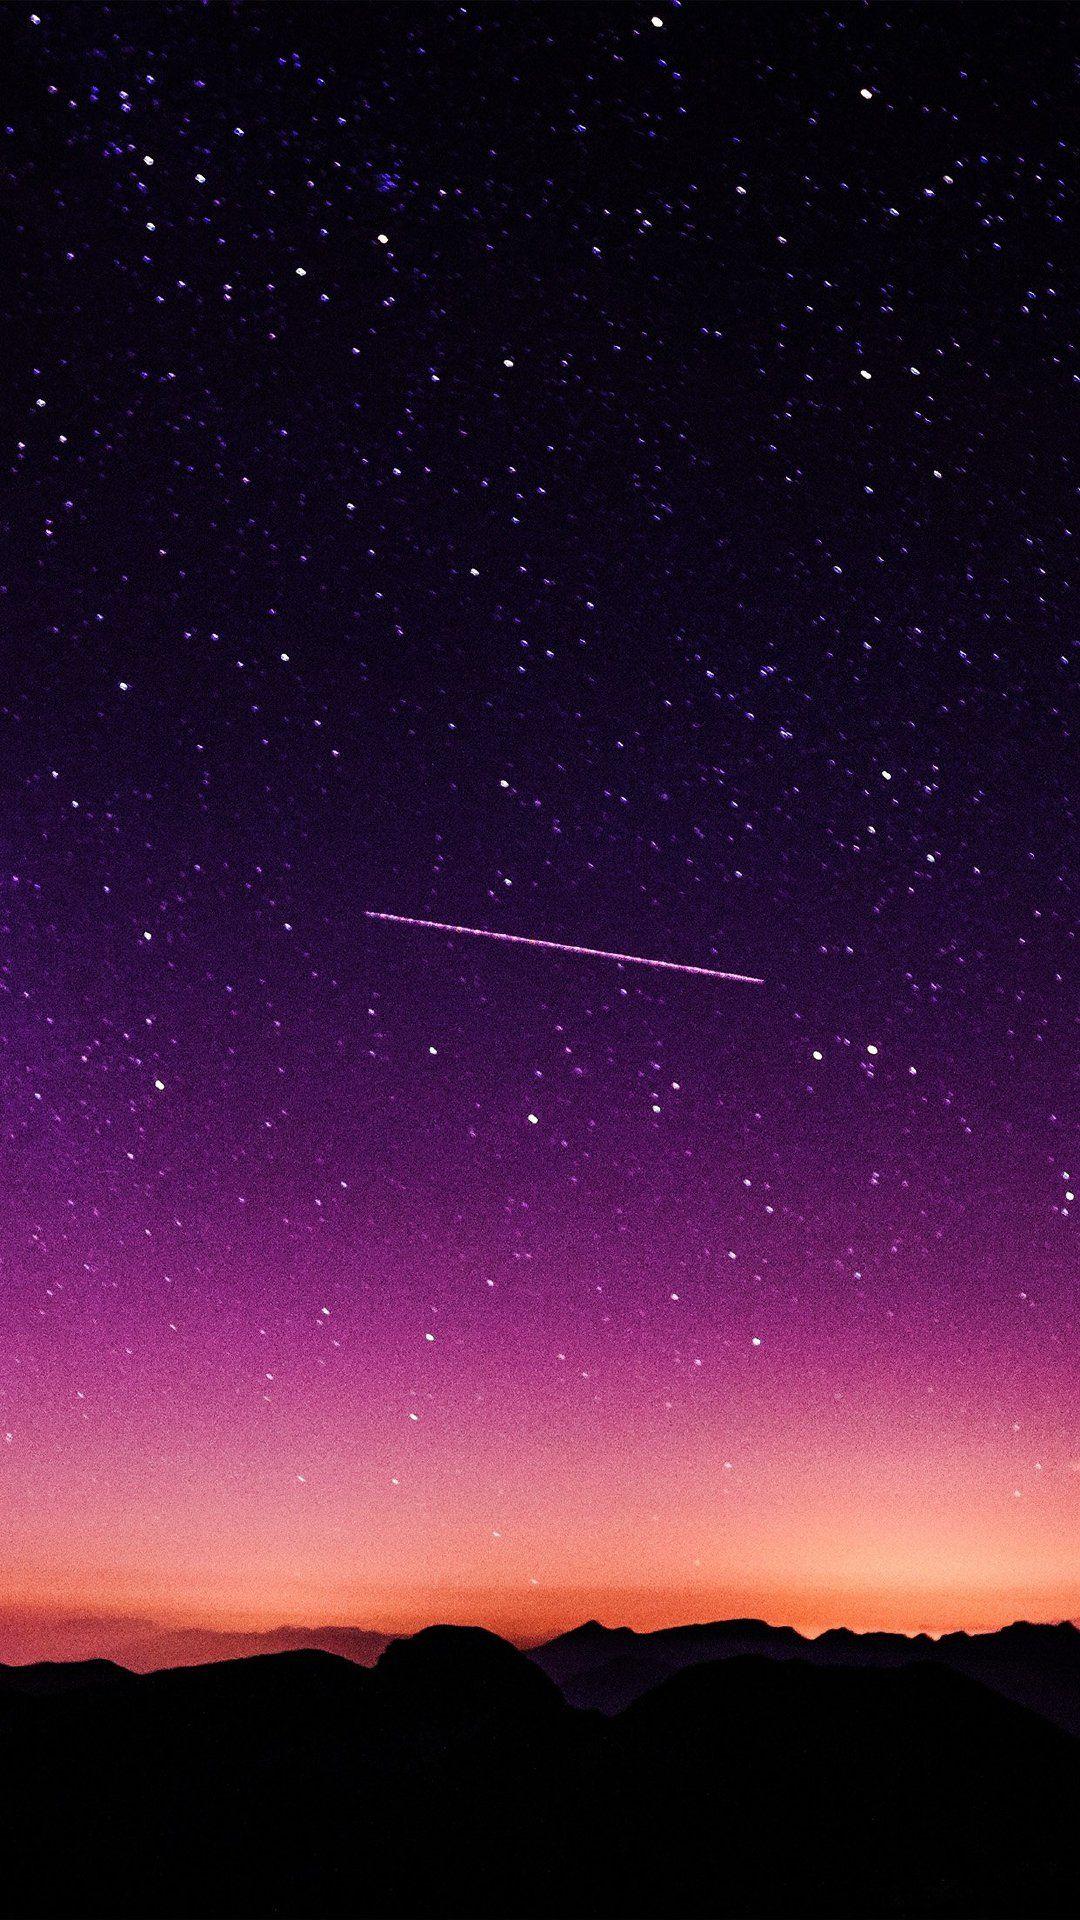 Phone Wallpaper Landscape Ocean Sea Sea In 2020 Night Sky Wallpaper Iphone Wallpaper Stars Purple Galaxy Wallpaper